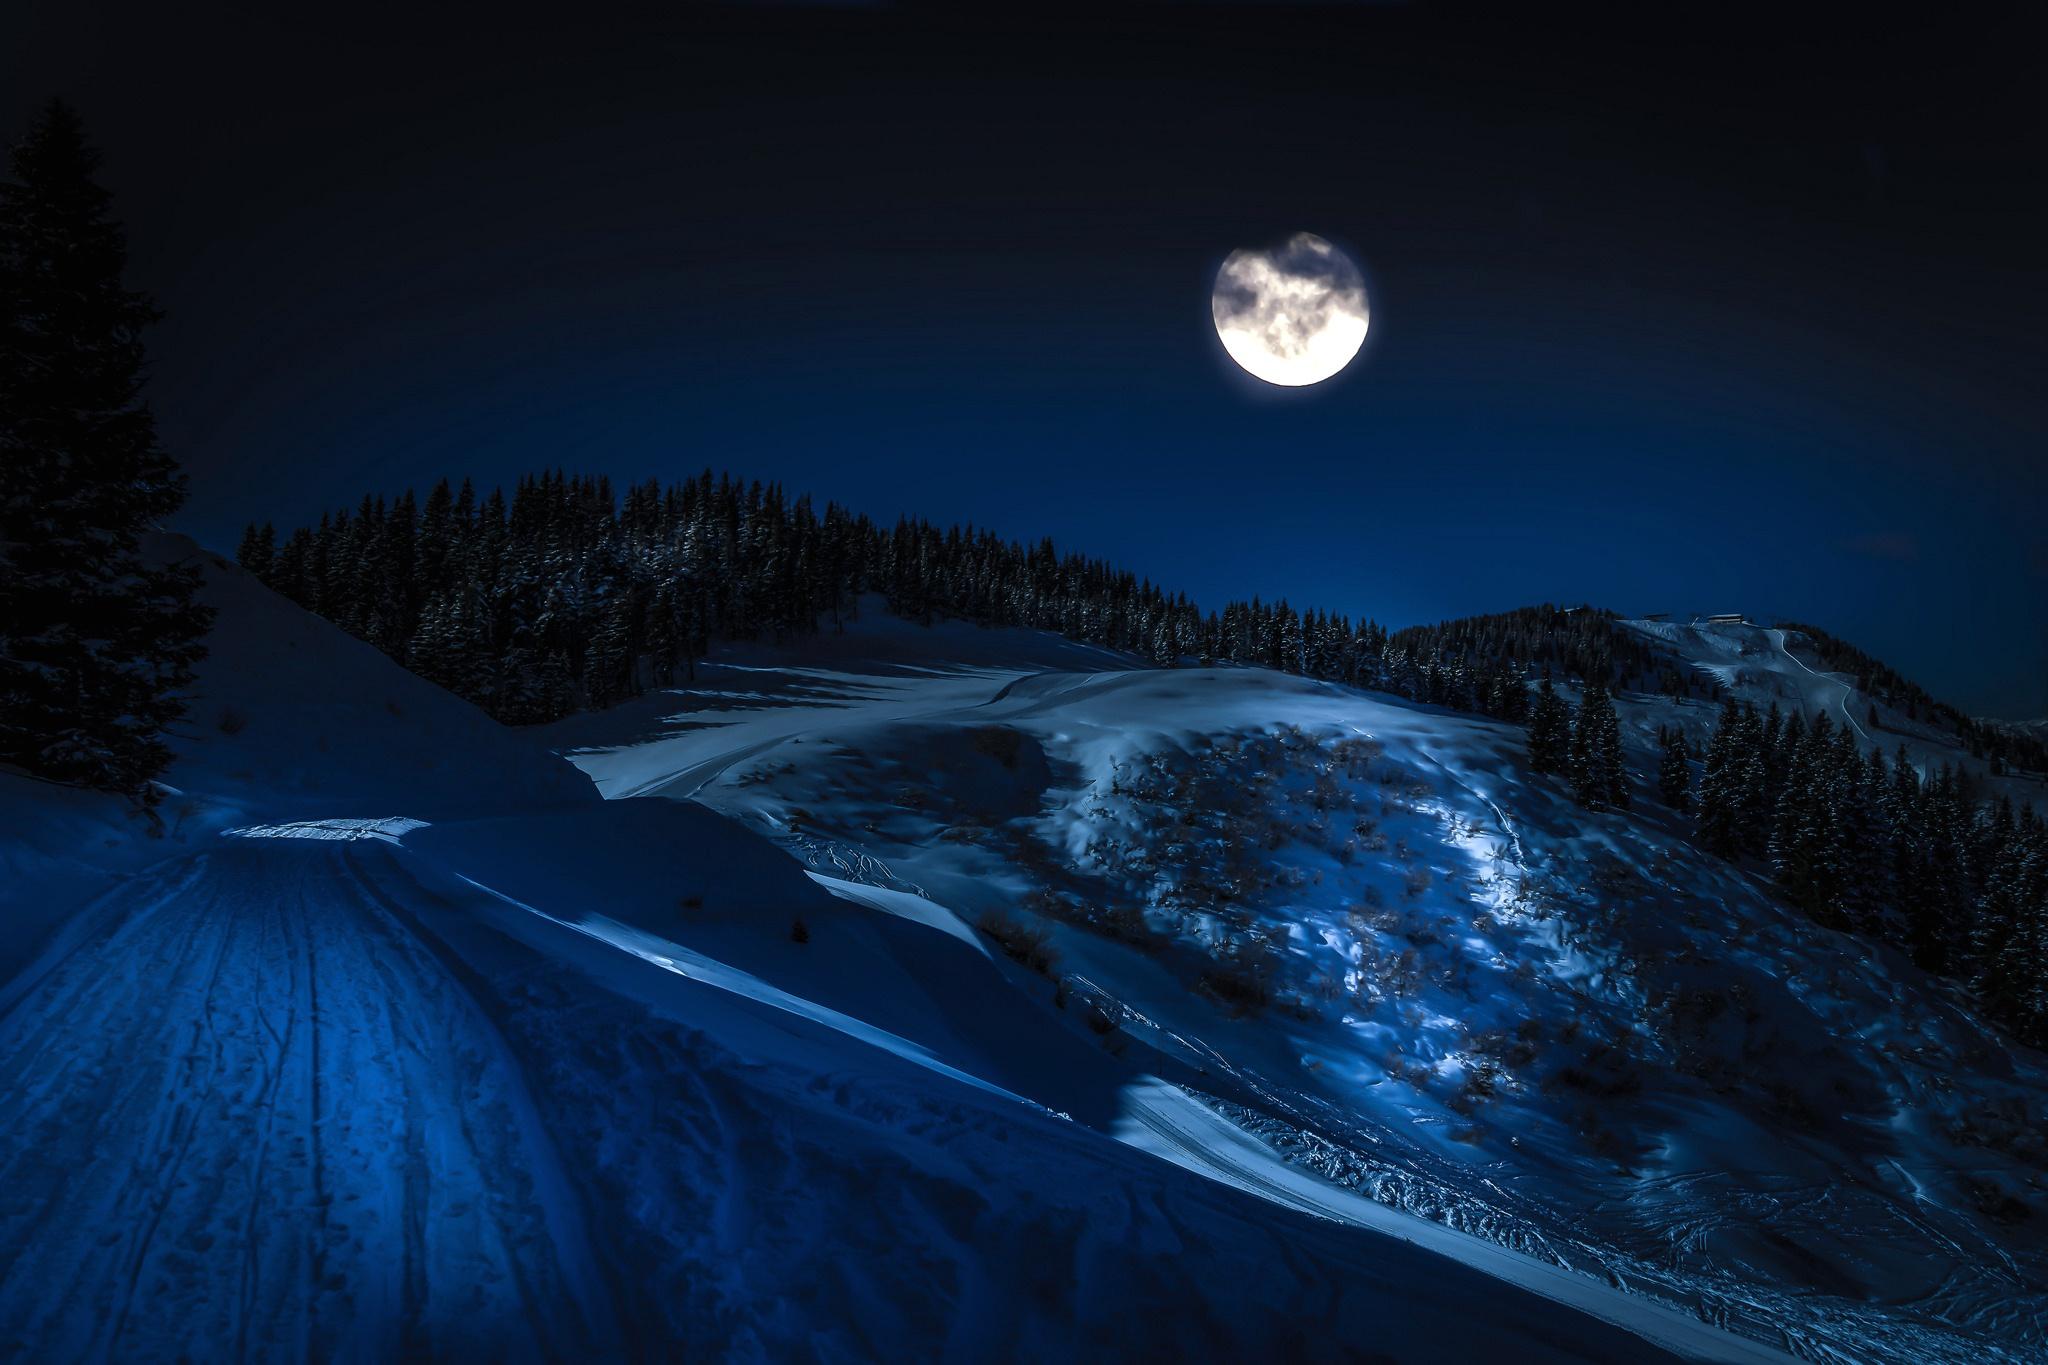 средств защиты, красивые зимние ночные пейзажи фото свадьбах, выпускных